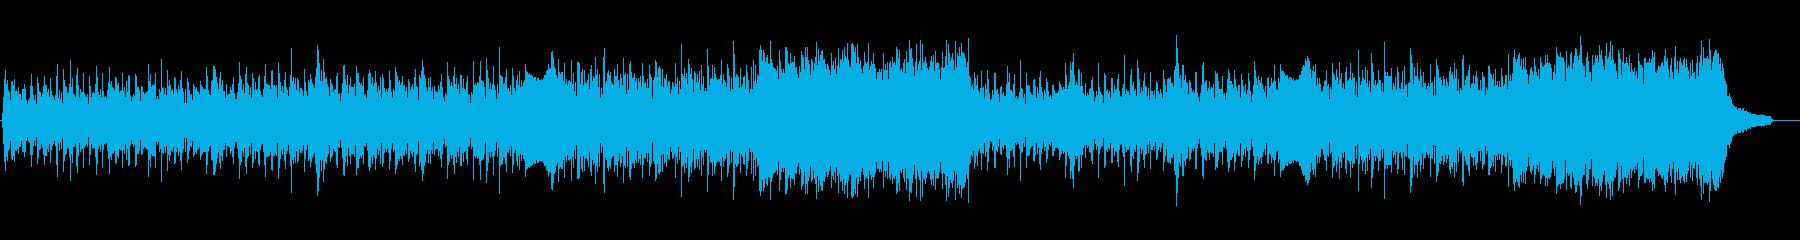 企業VP映像、176オーケストラ、爽快Lの再生済みの波形